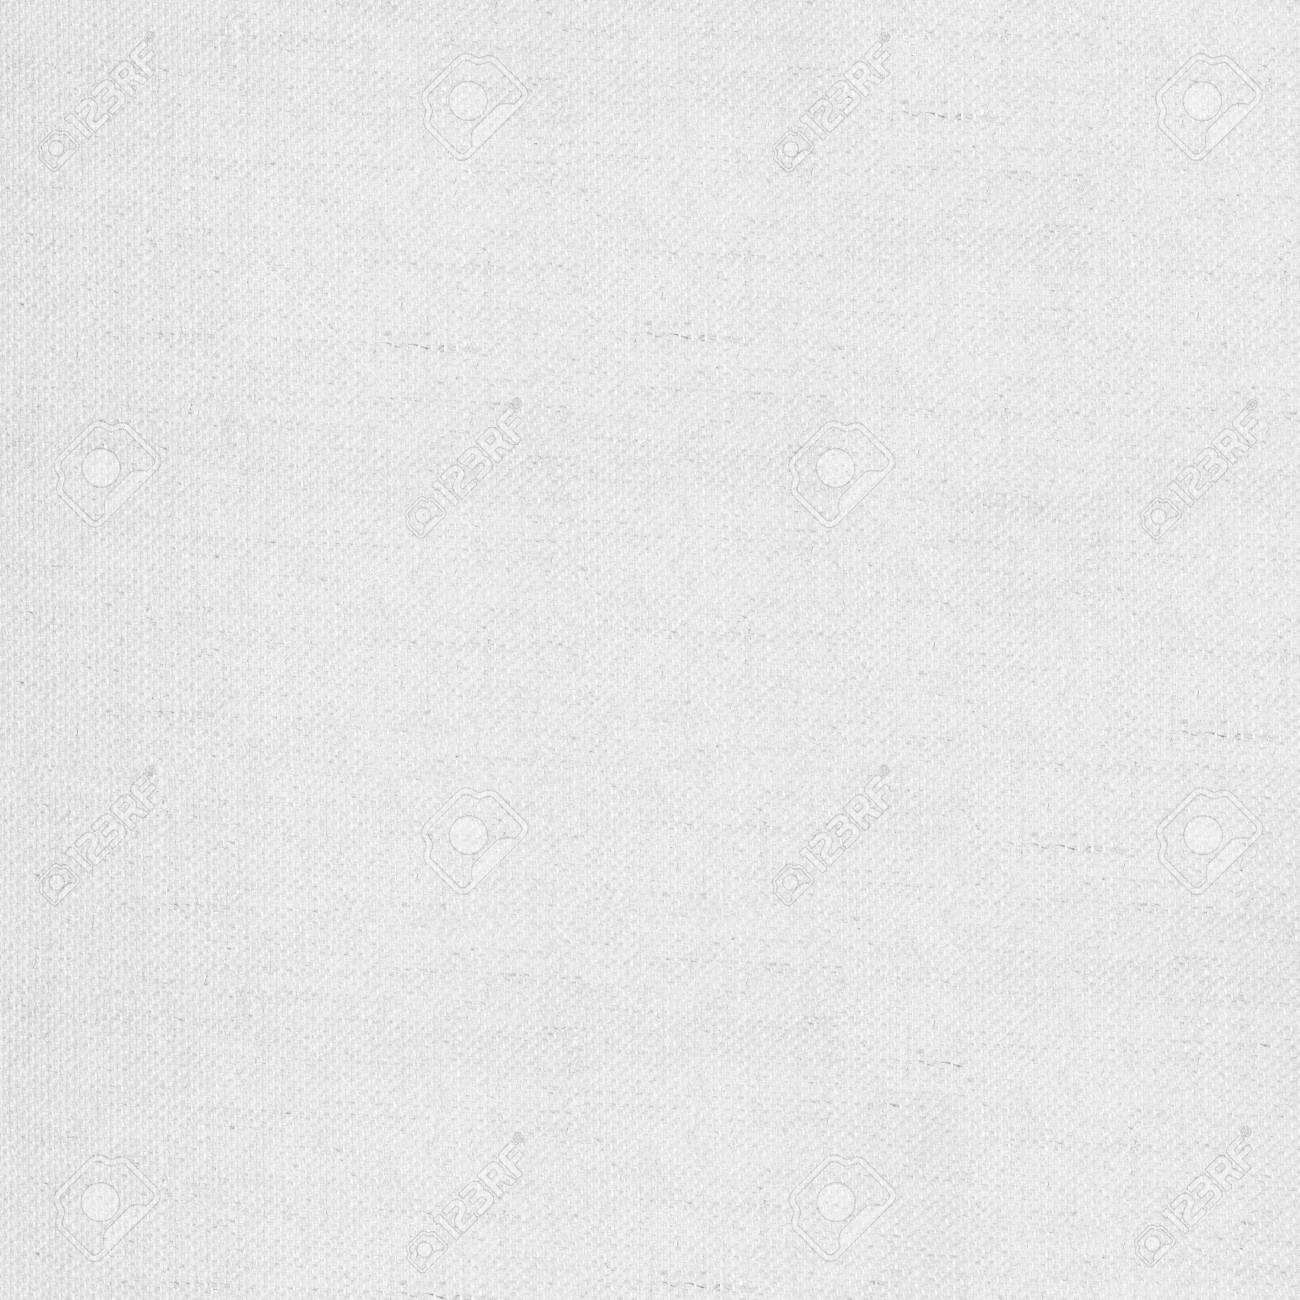 Textura De Lona Blanca O Fondo De Lino De Patrón Tejido Fotos ...